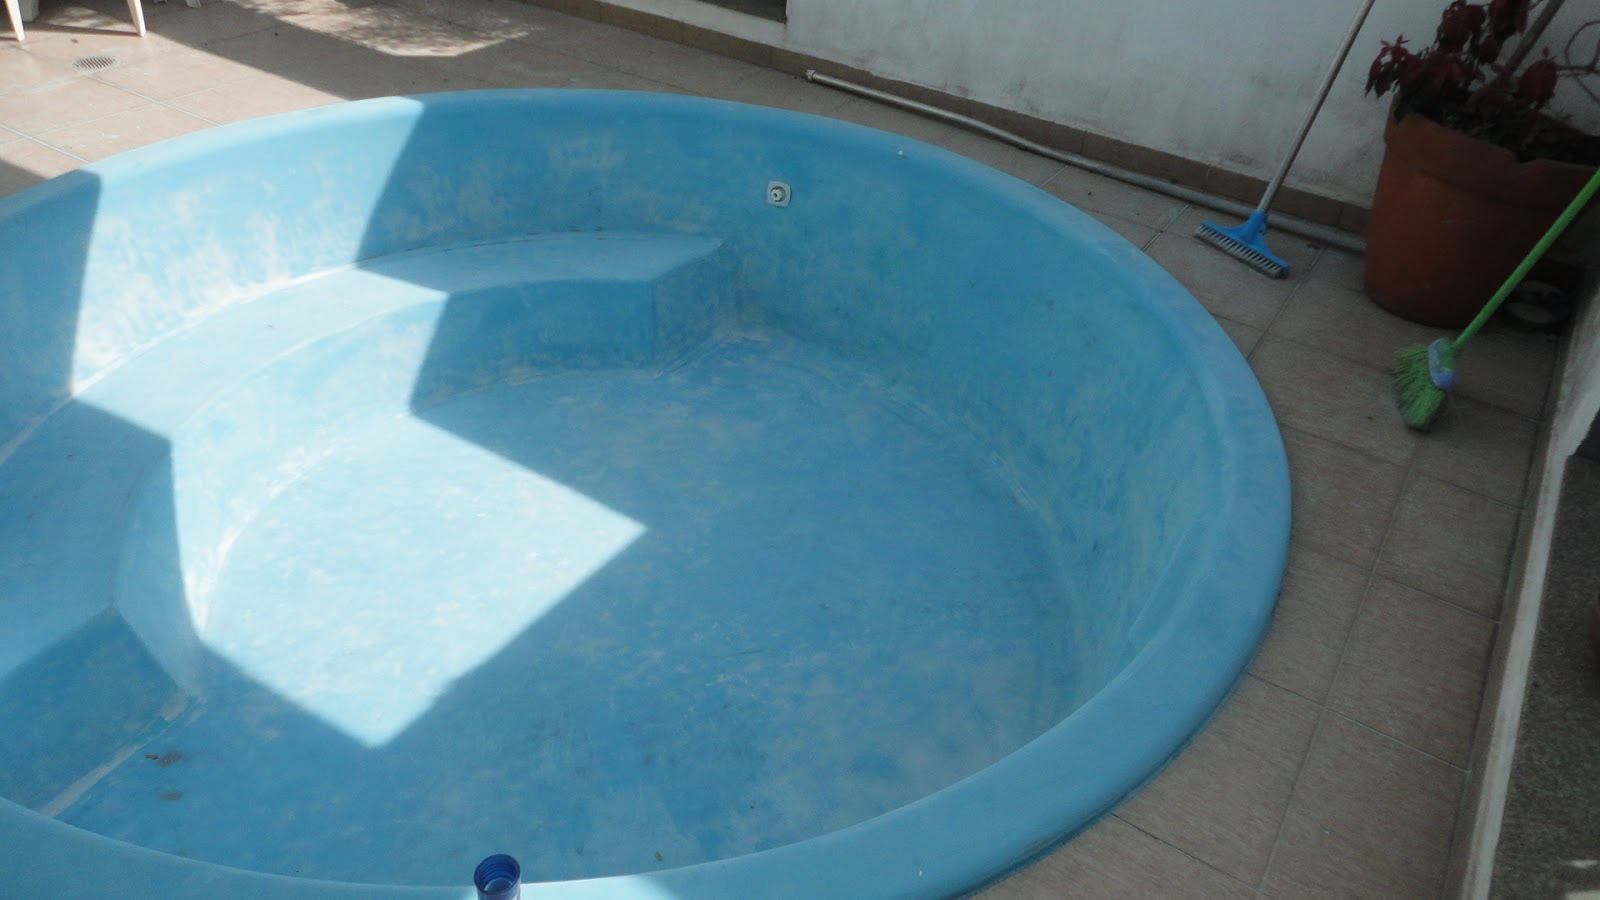 Cooper fibra com rcio de fibra ltda pintura de piscina - Pintura de piscina ...